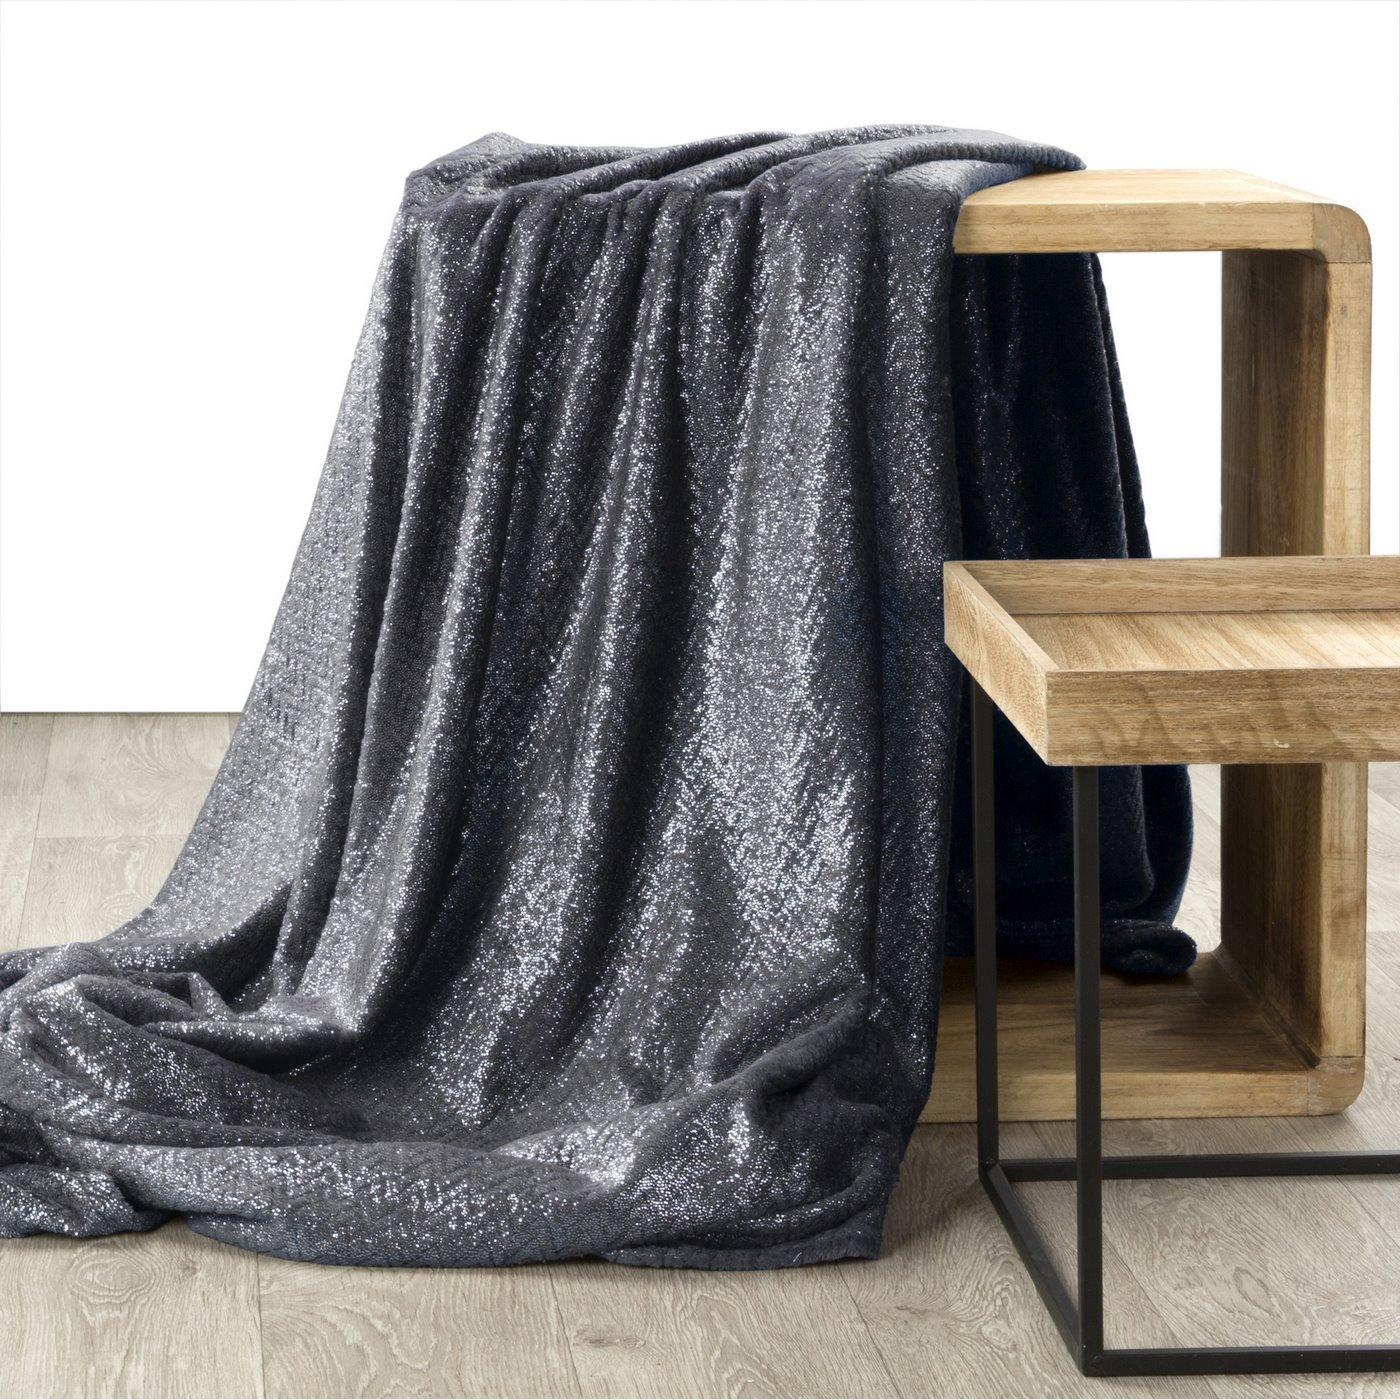 BETH STALOWY KOC Z MIKROFLANO TŁOCZONY W JODEŁKĘ 70x160 cm DESIGN91